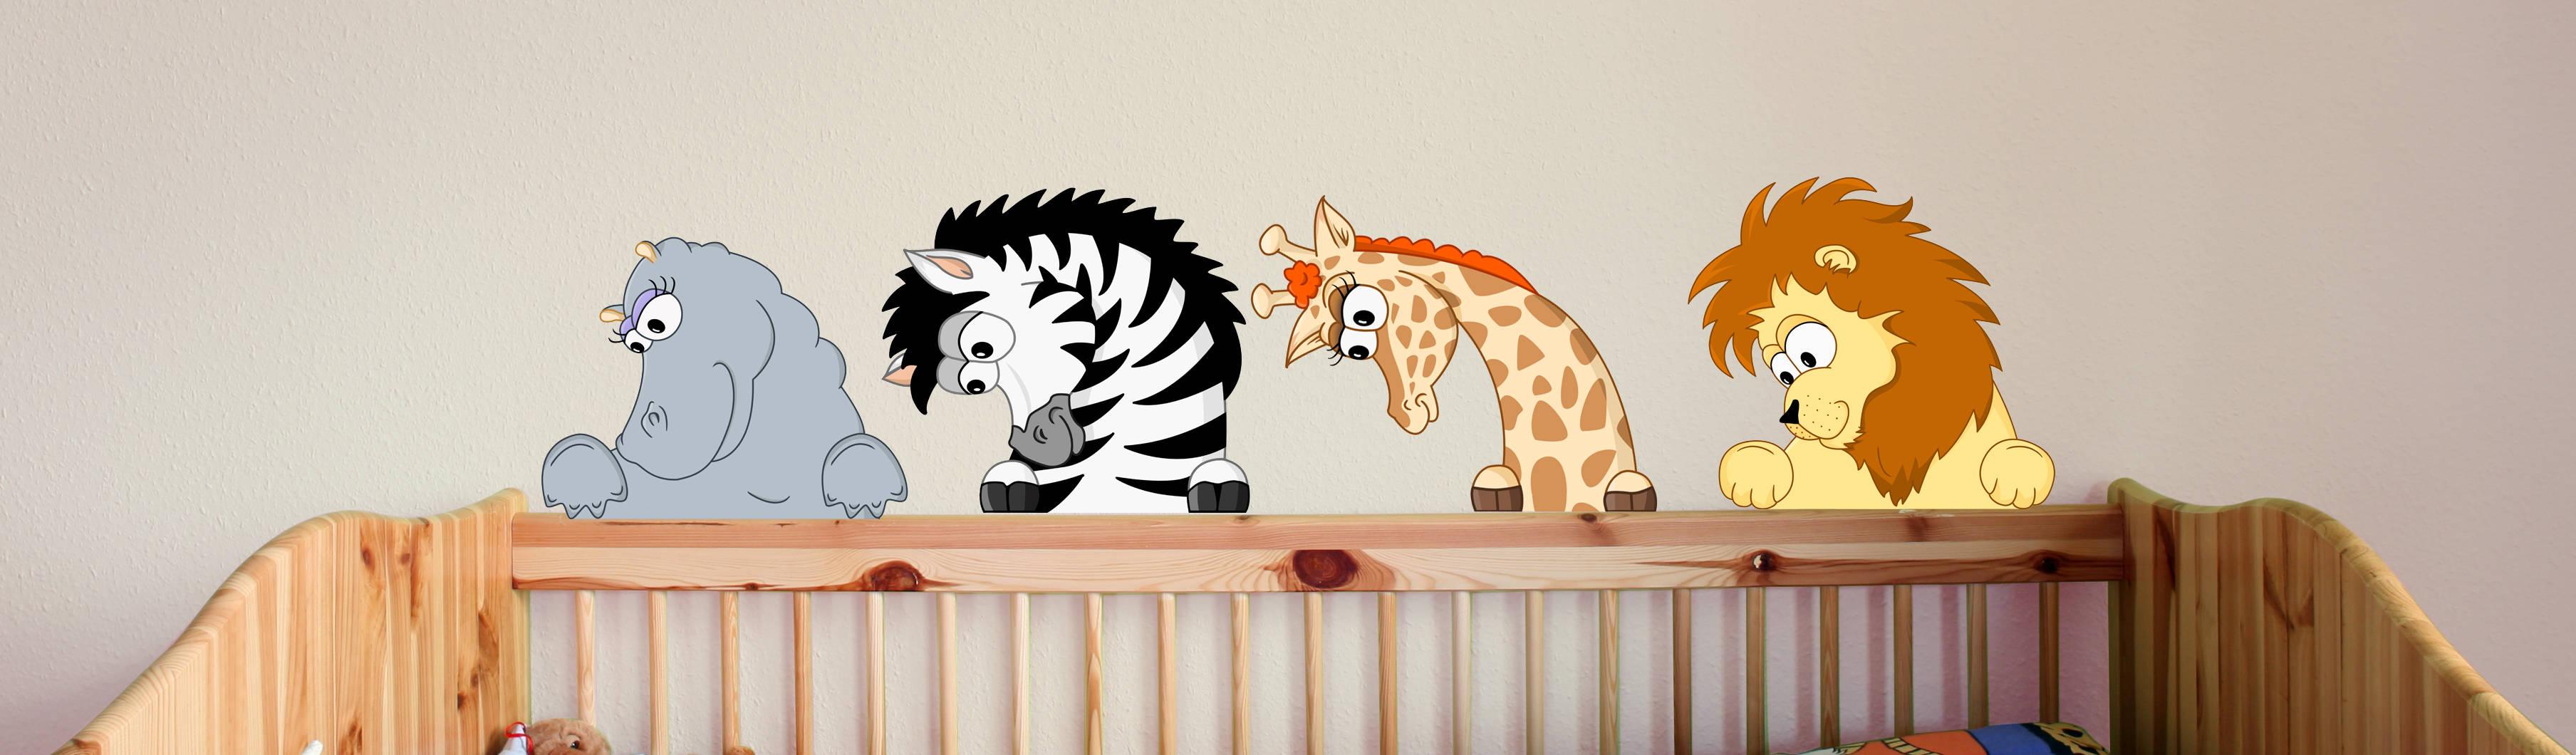 Türschilder - Tiere fürs Kinderzimmer von MHBilder-Design | homify